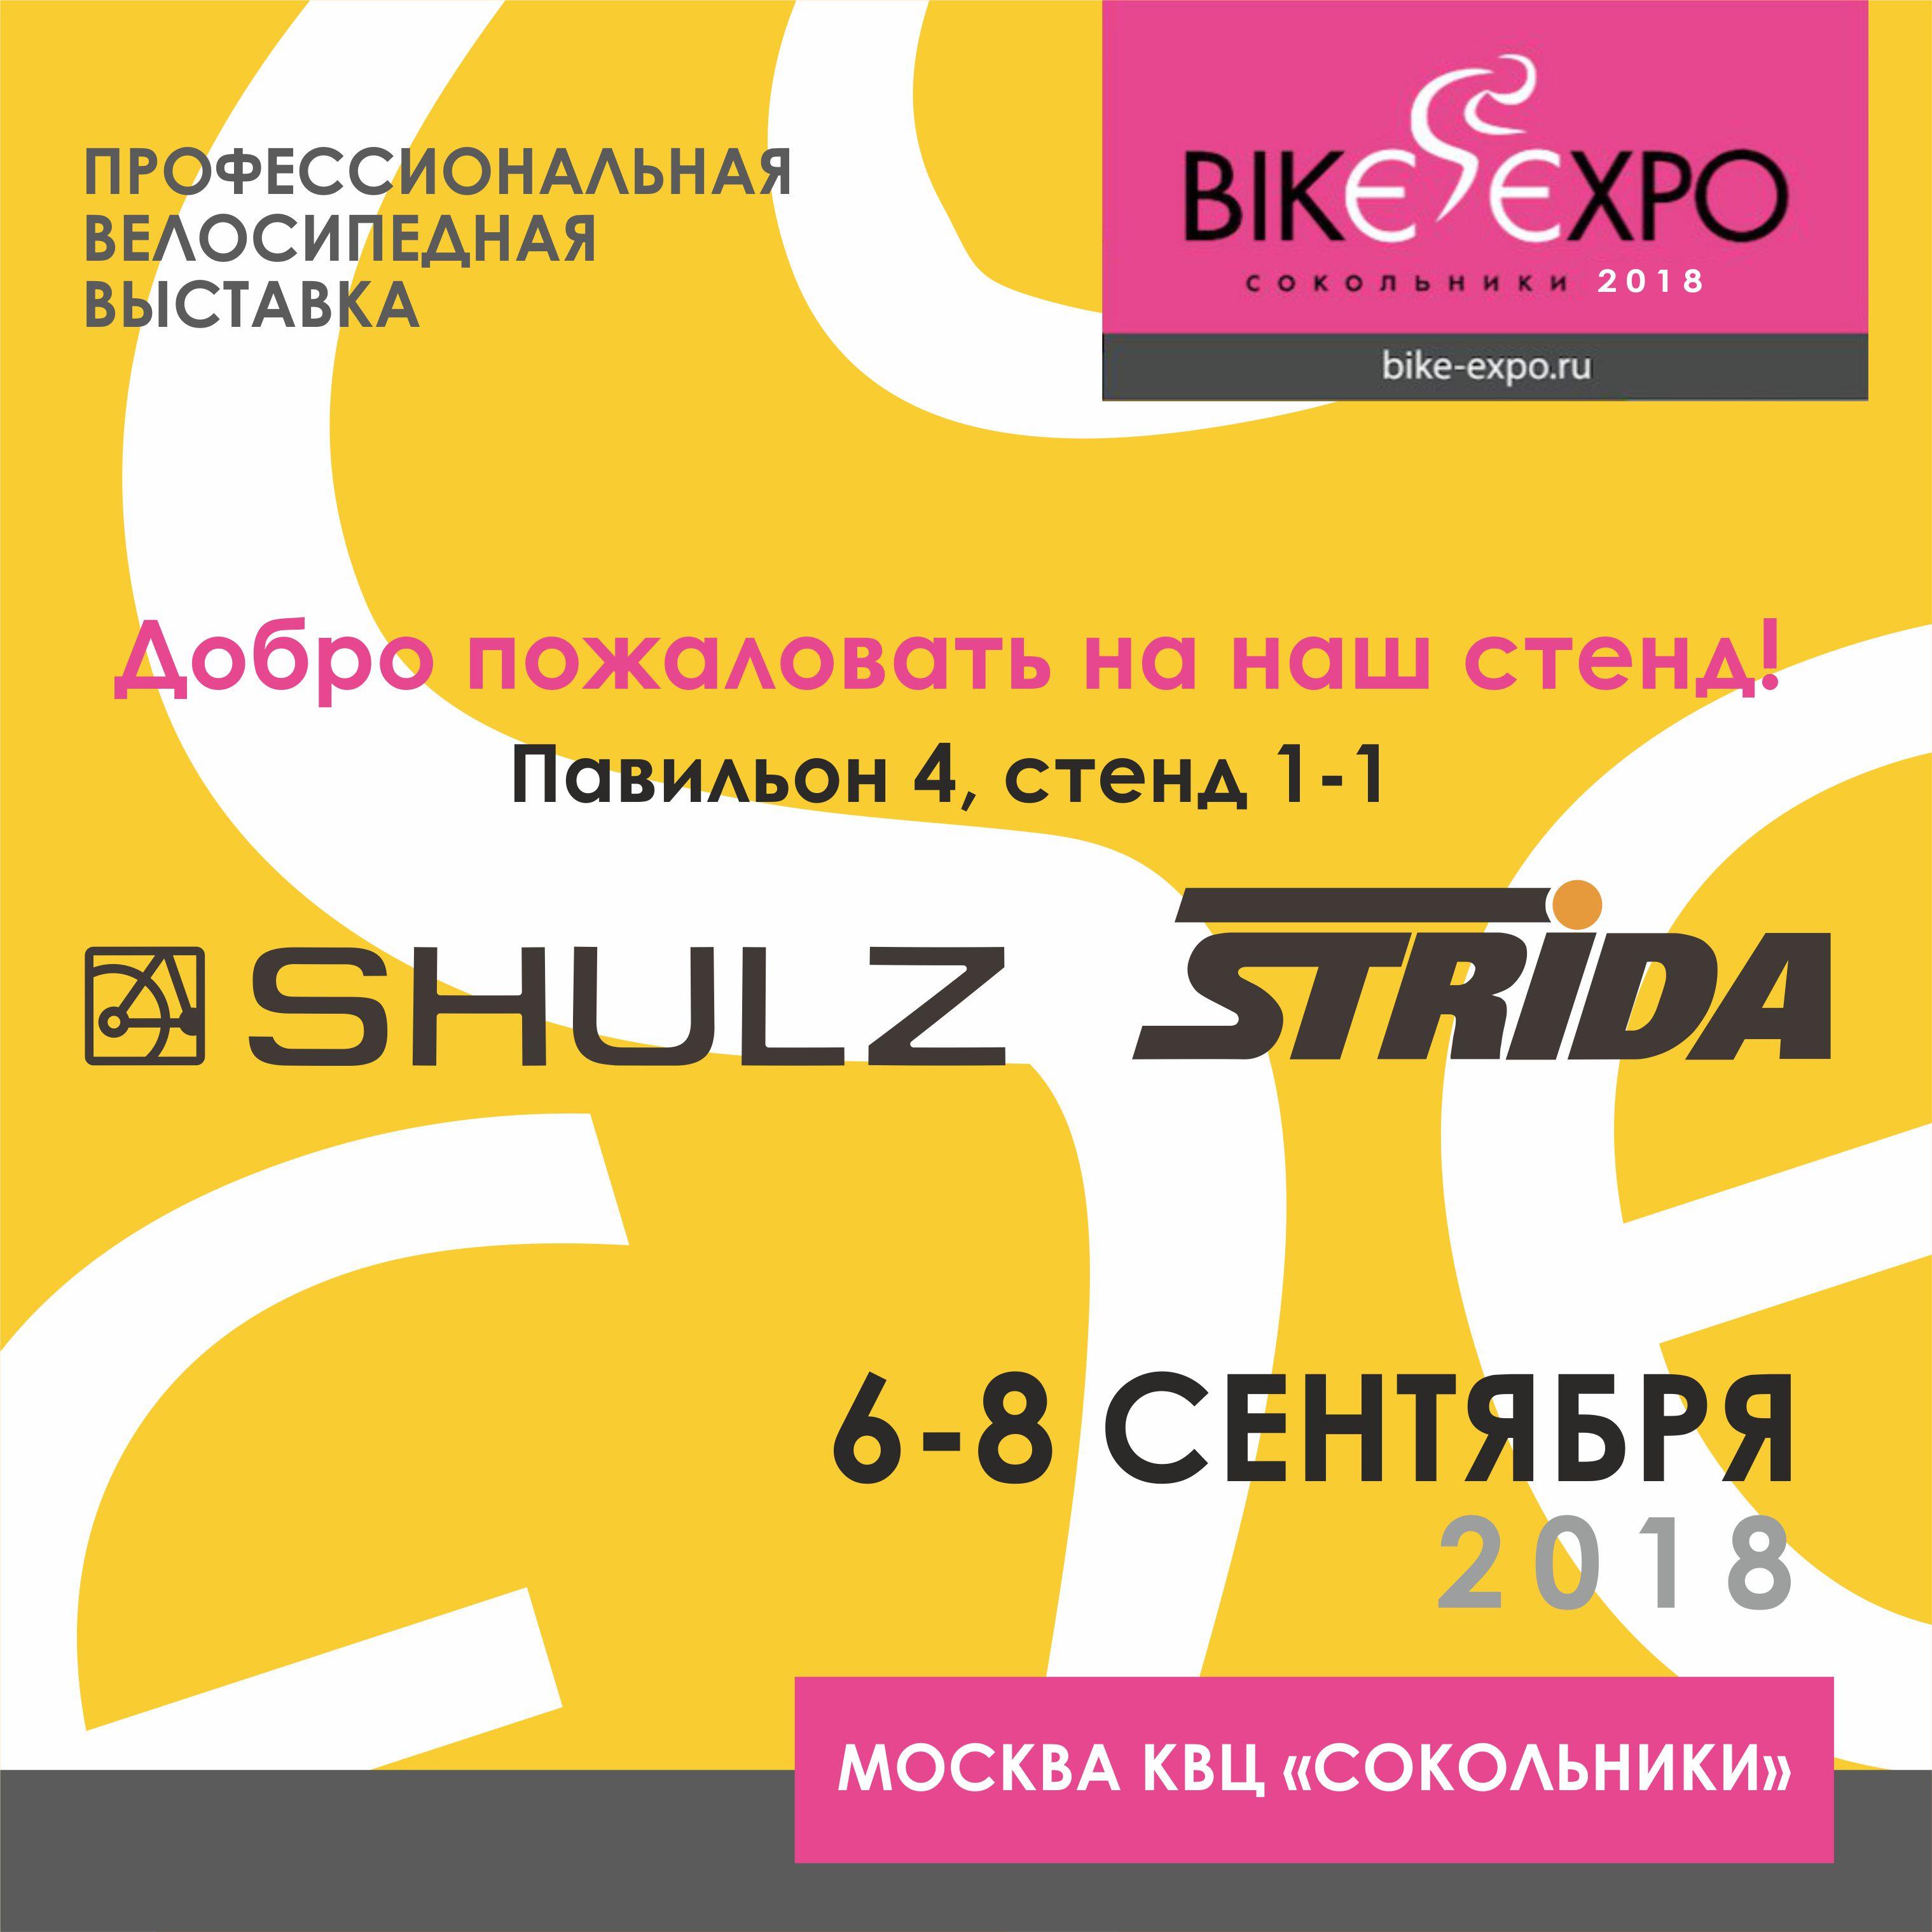 Приглашаем на выставку Bike Expo 2018